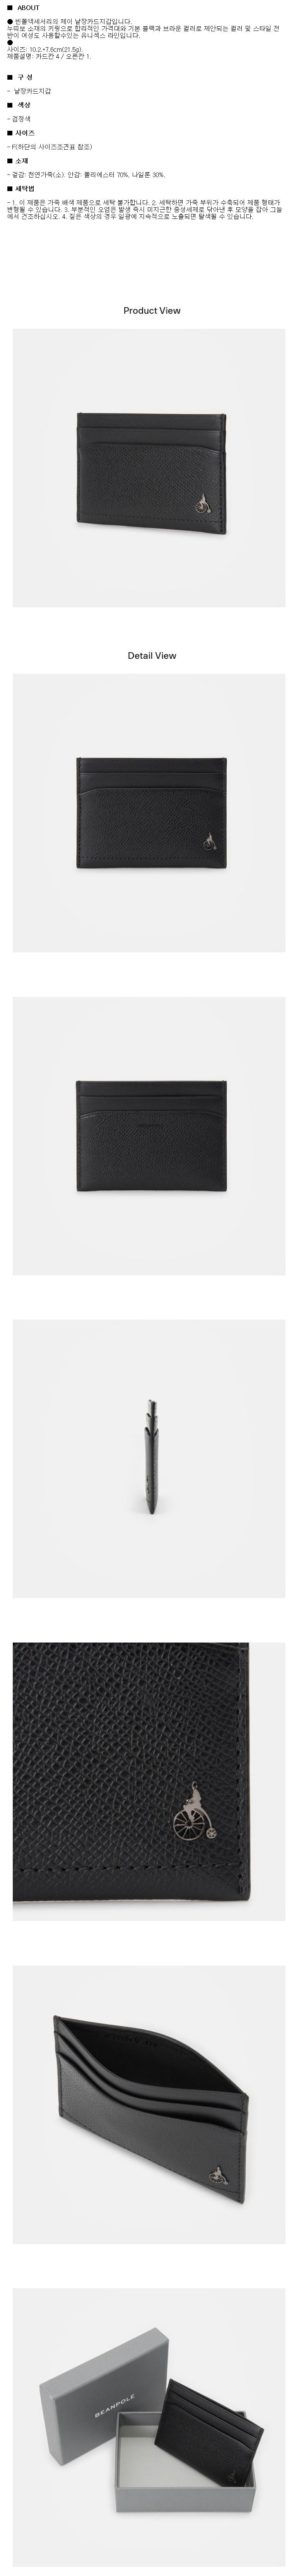 빈폴 액세서리(BEANPOLE ACCESSORY) (남) 블랙 제이 낱장카드지갑 (BE91A3M235)